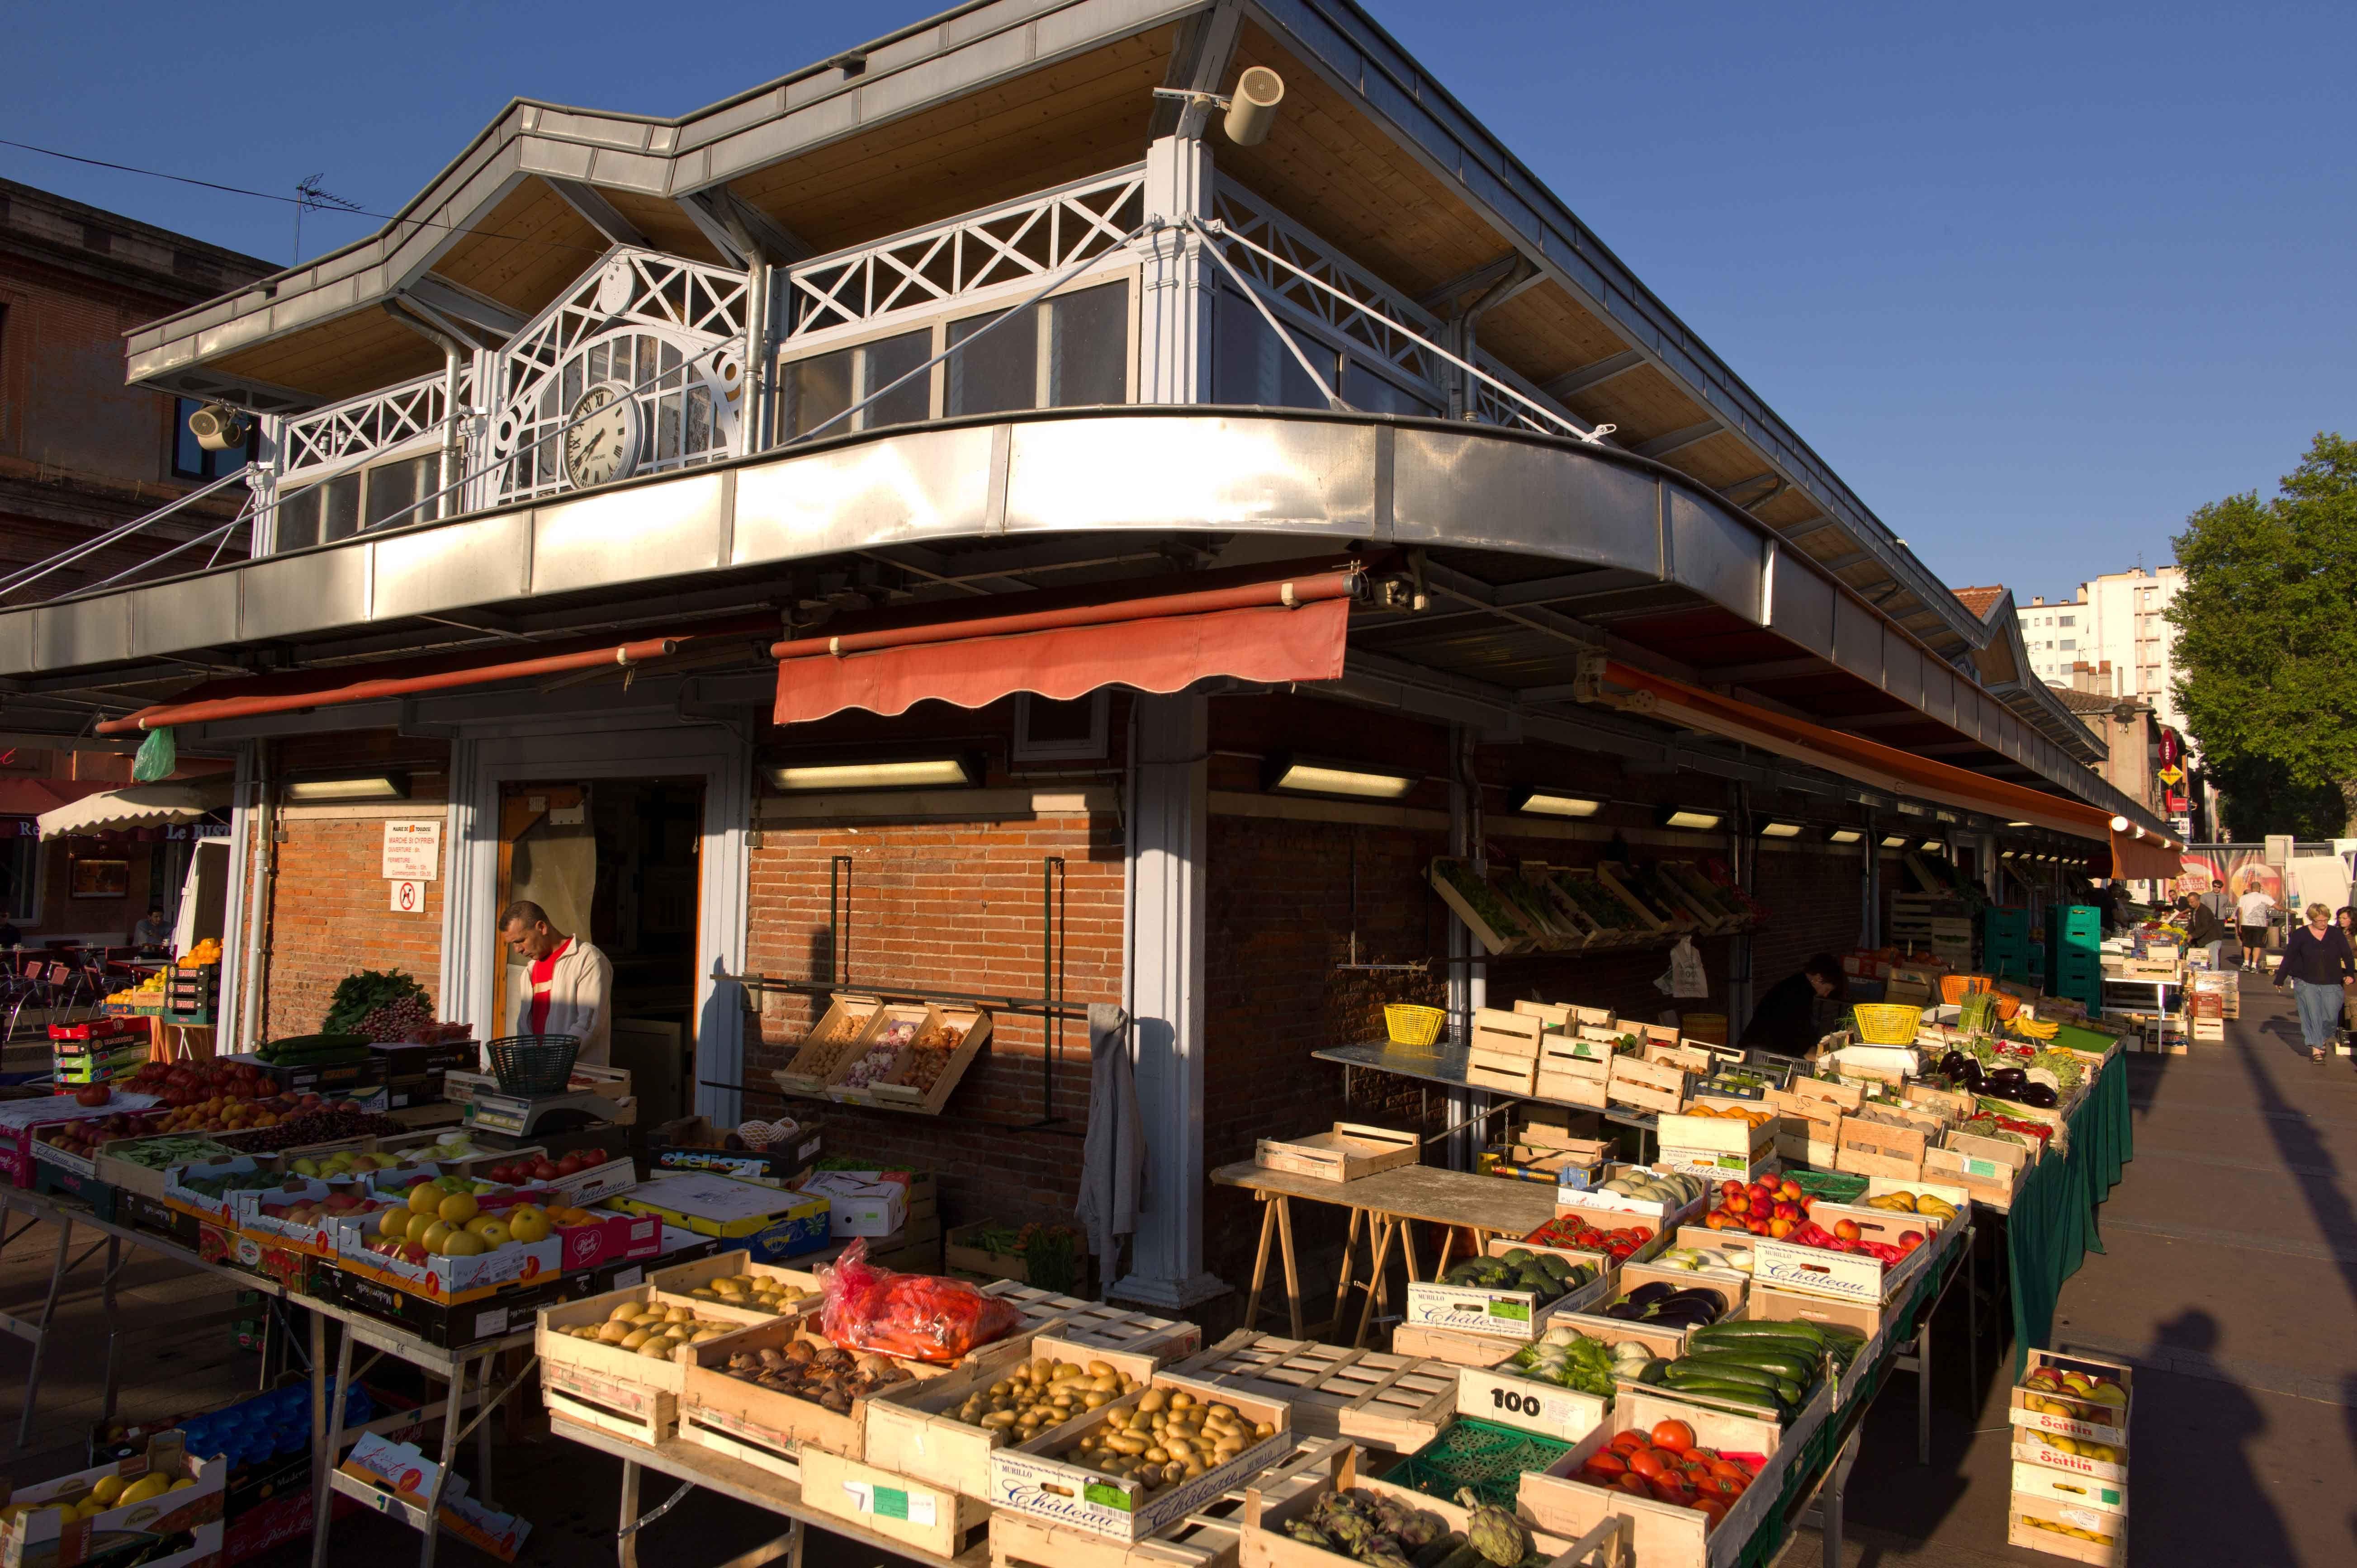 Marche Couvert Saint Cyprien Alimentaire Place Roguet Du Mardi Au Dimanche De 7h00 A 13h30 35 Exposants Metro Lig Marche Couvert Toulousaine Mairie De Toulouse